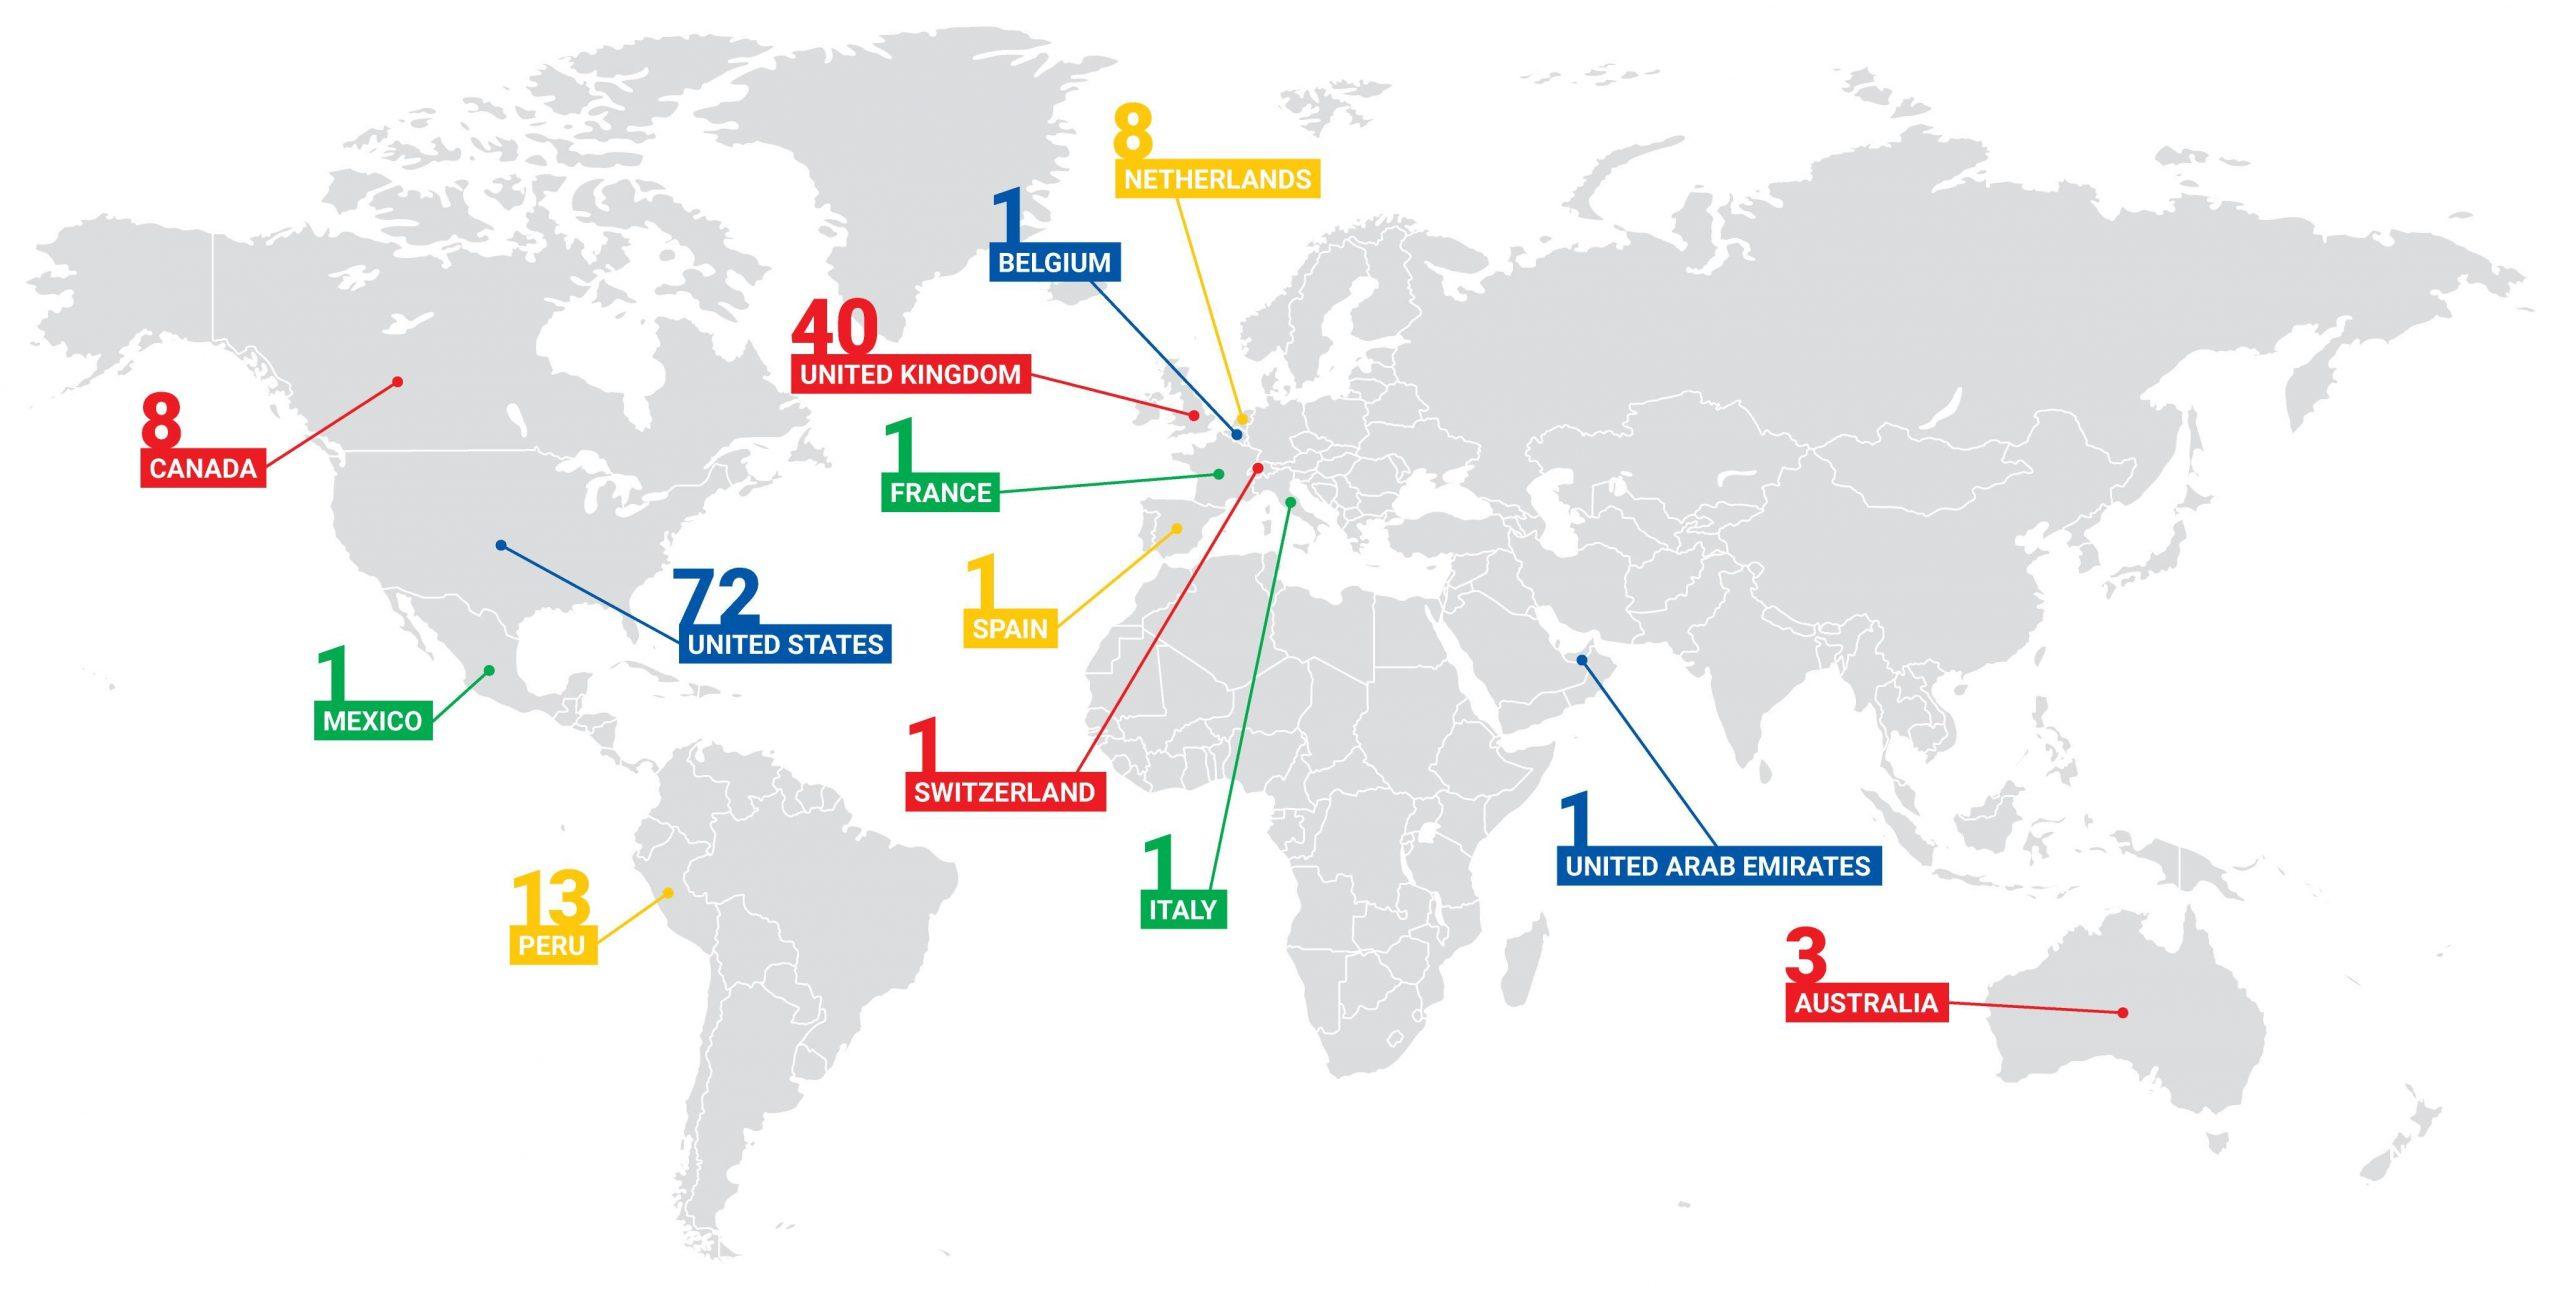 Universidades internacionales donde fueron aceptados estudiantes del Markham (2015-2019)